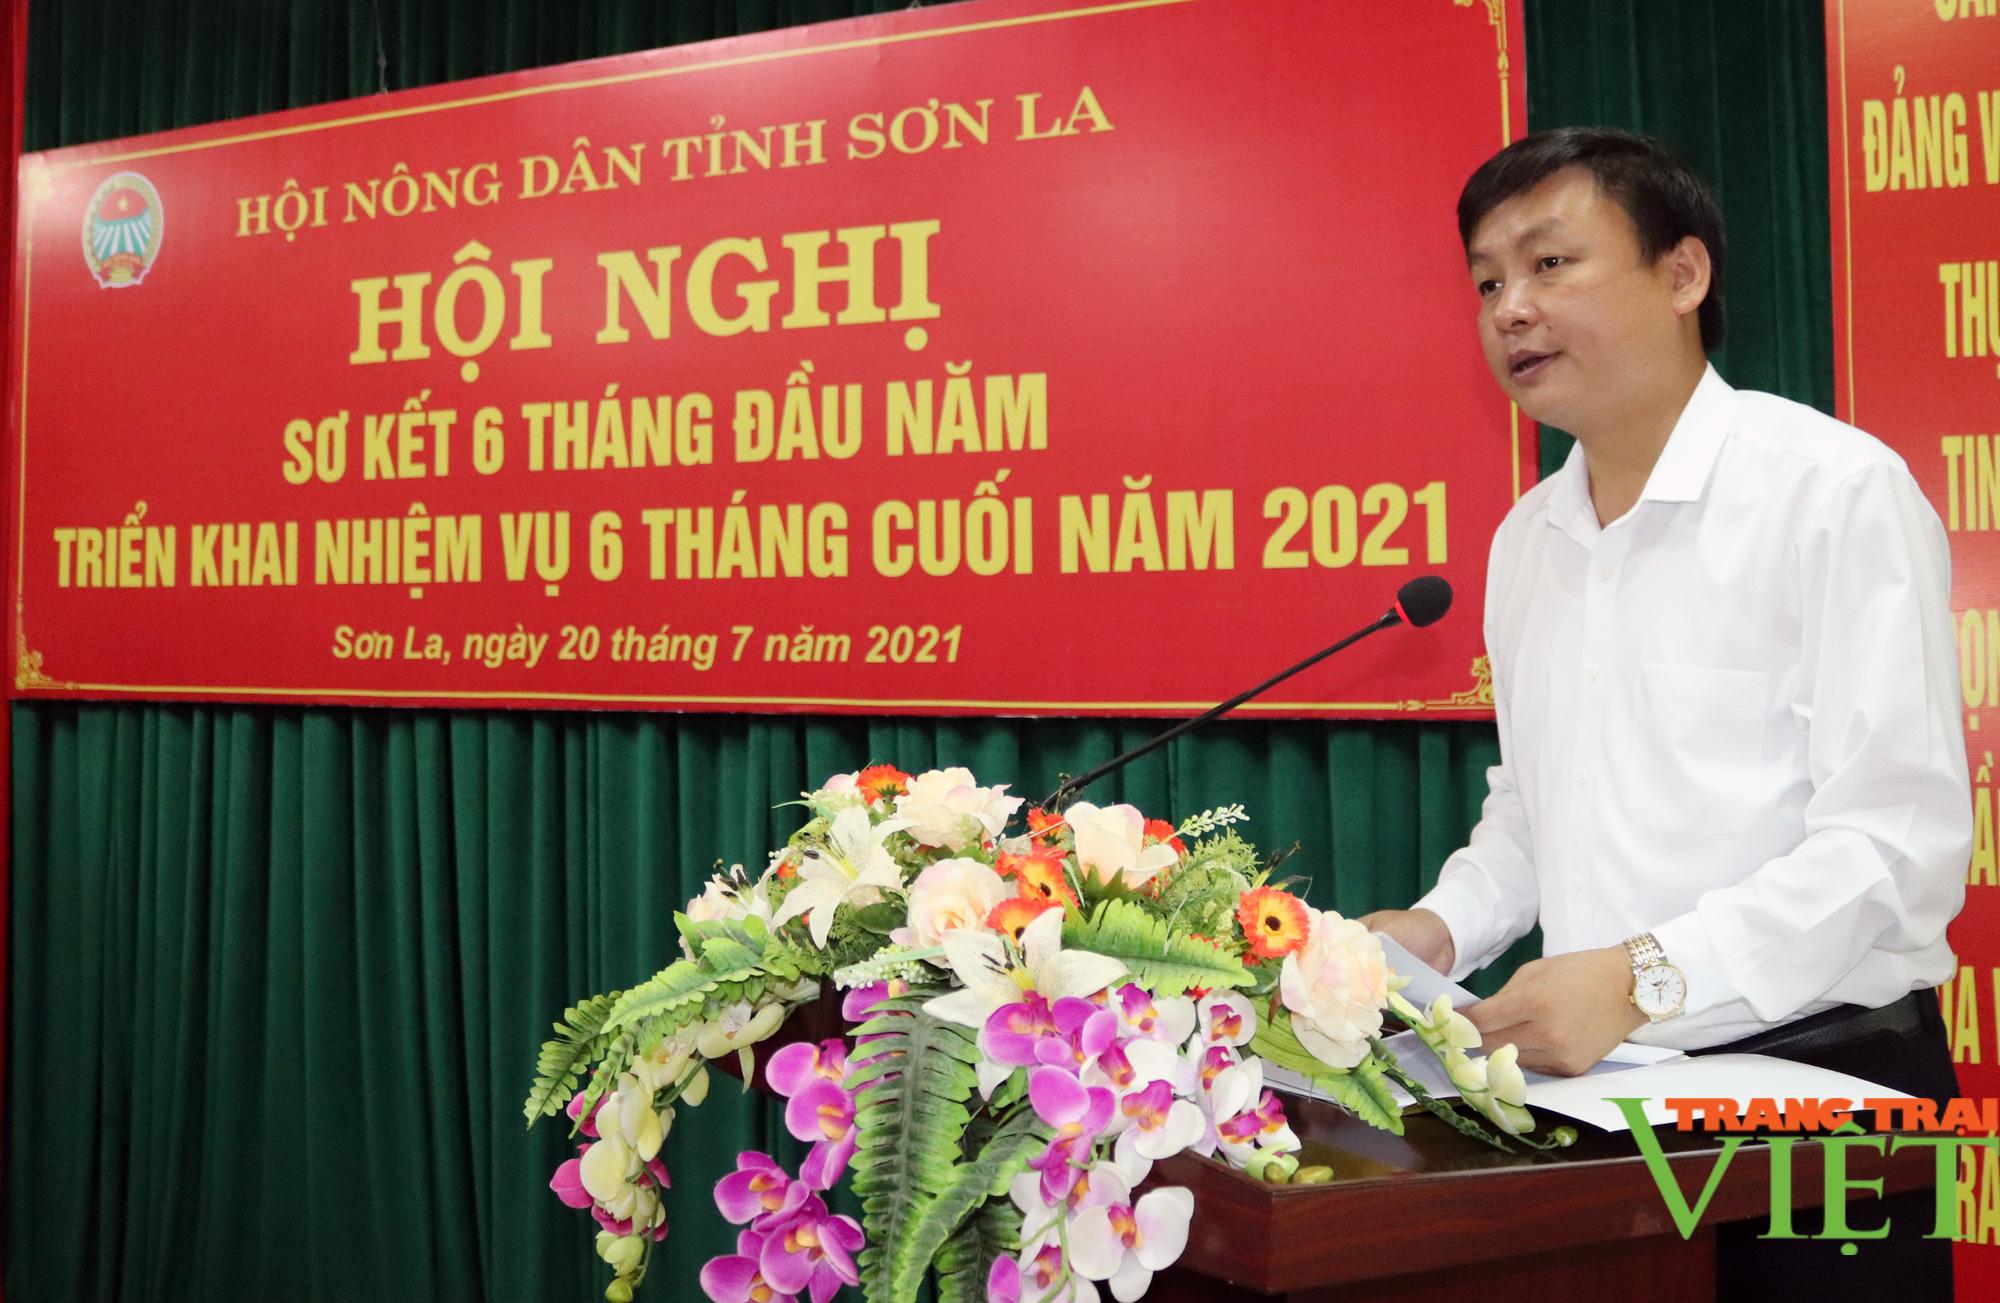 HND Sơn La: Hội nghị sơ kết 6 tháng đầu năm - Ảnh 2.